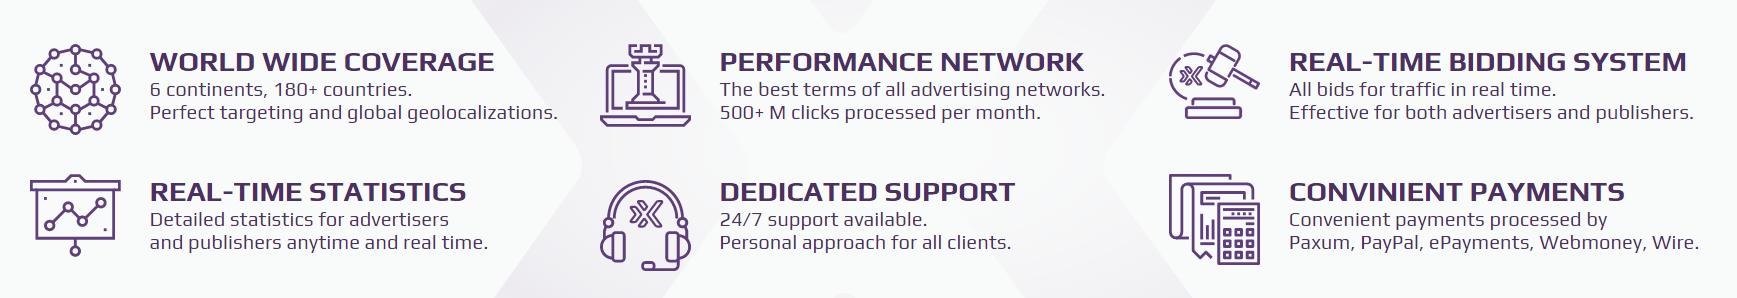 Adxxx Features